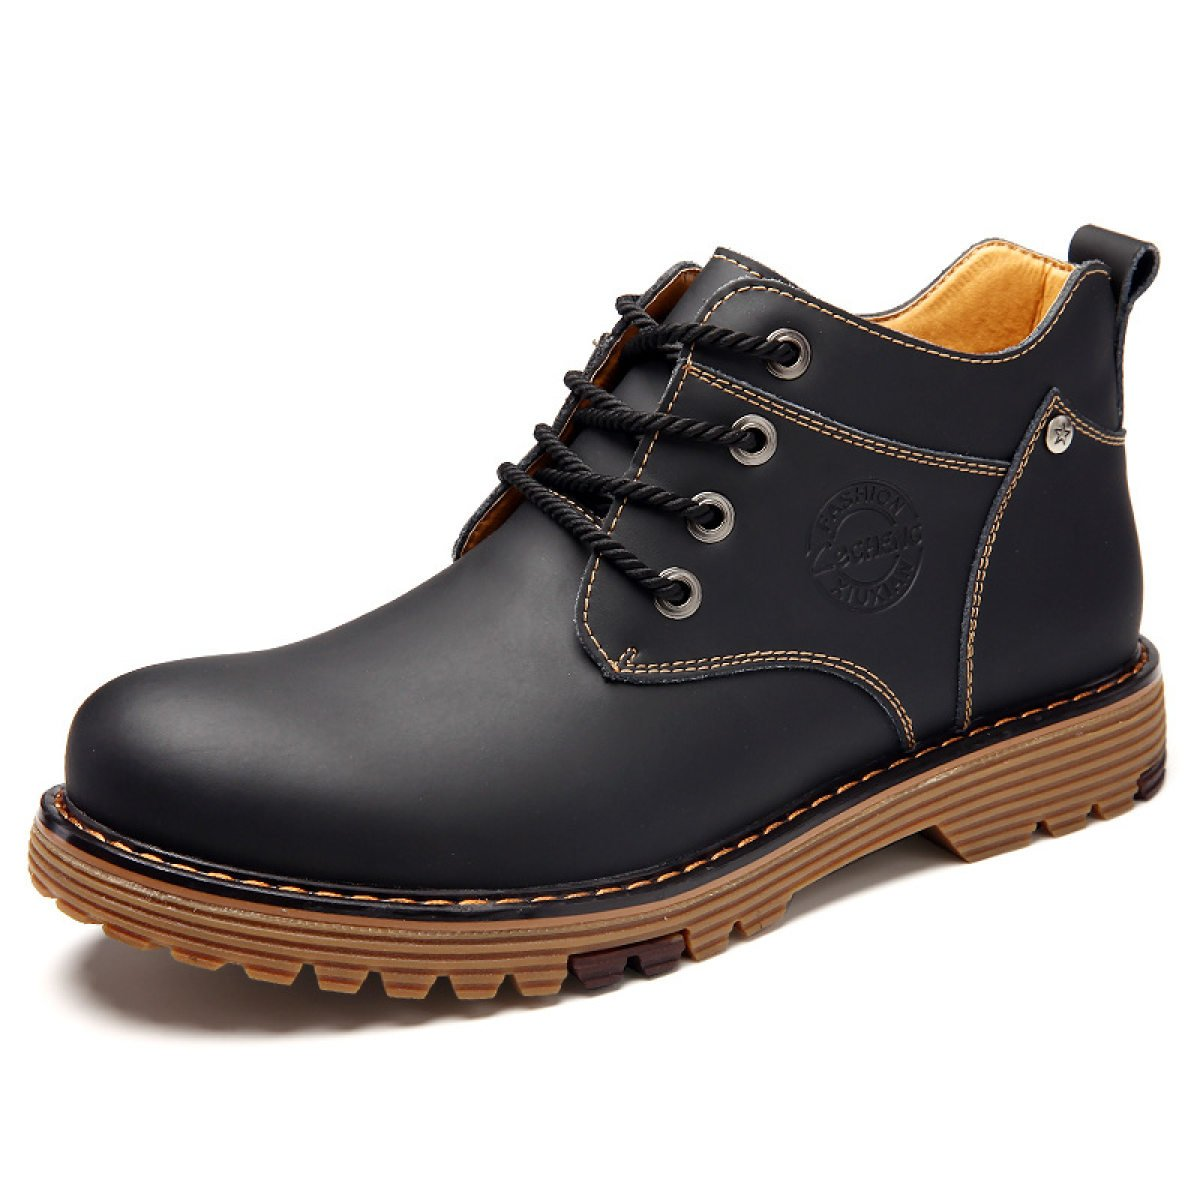 Herbst Und Winter Hoch Koreanische Zu Helfen Männer Stiefel Koreanische Hoch Version Tooling Stiefel Martin Stiefel Herren Stiefel schwarz 8b78b1